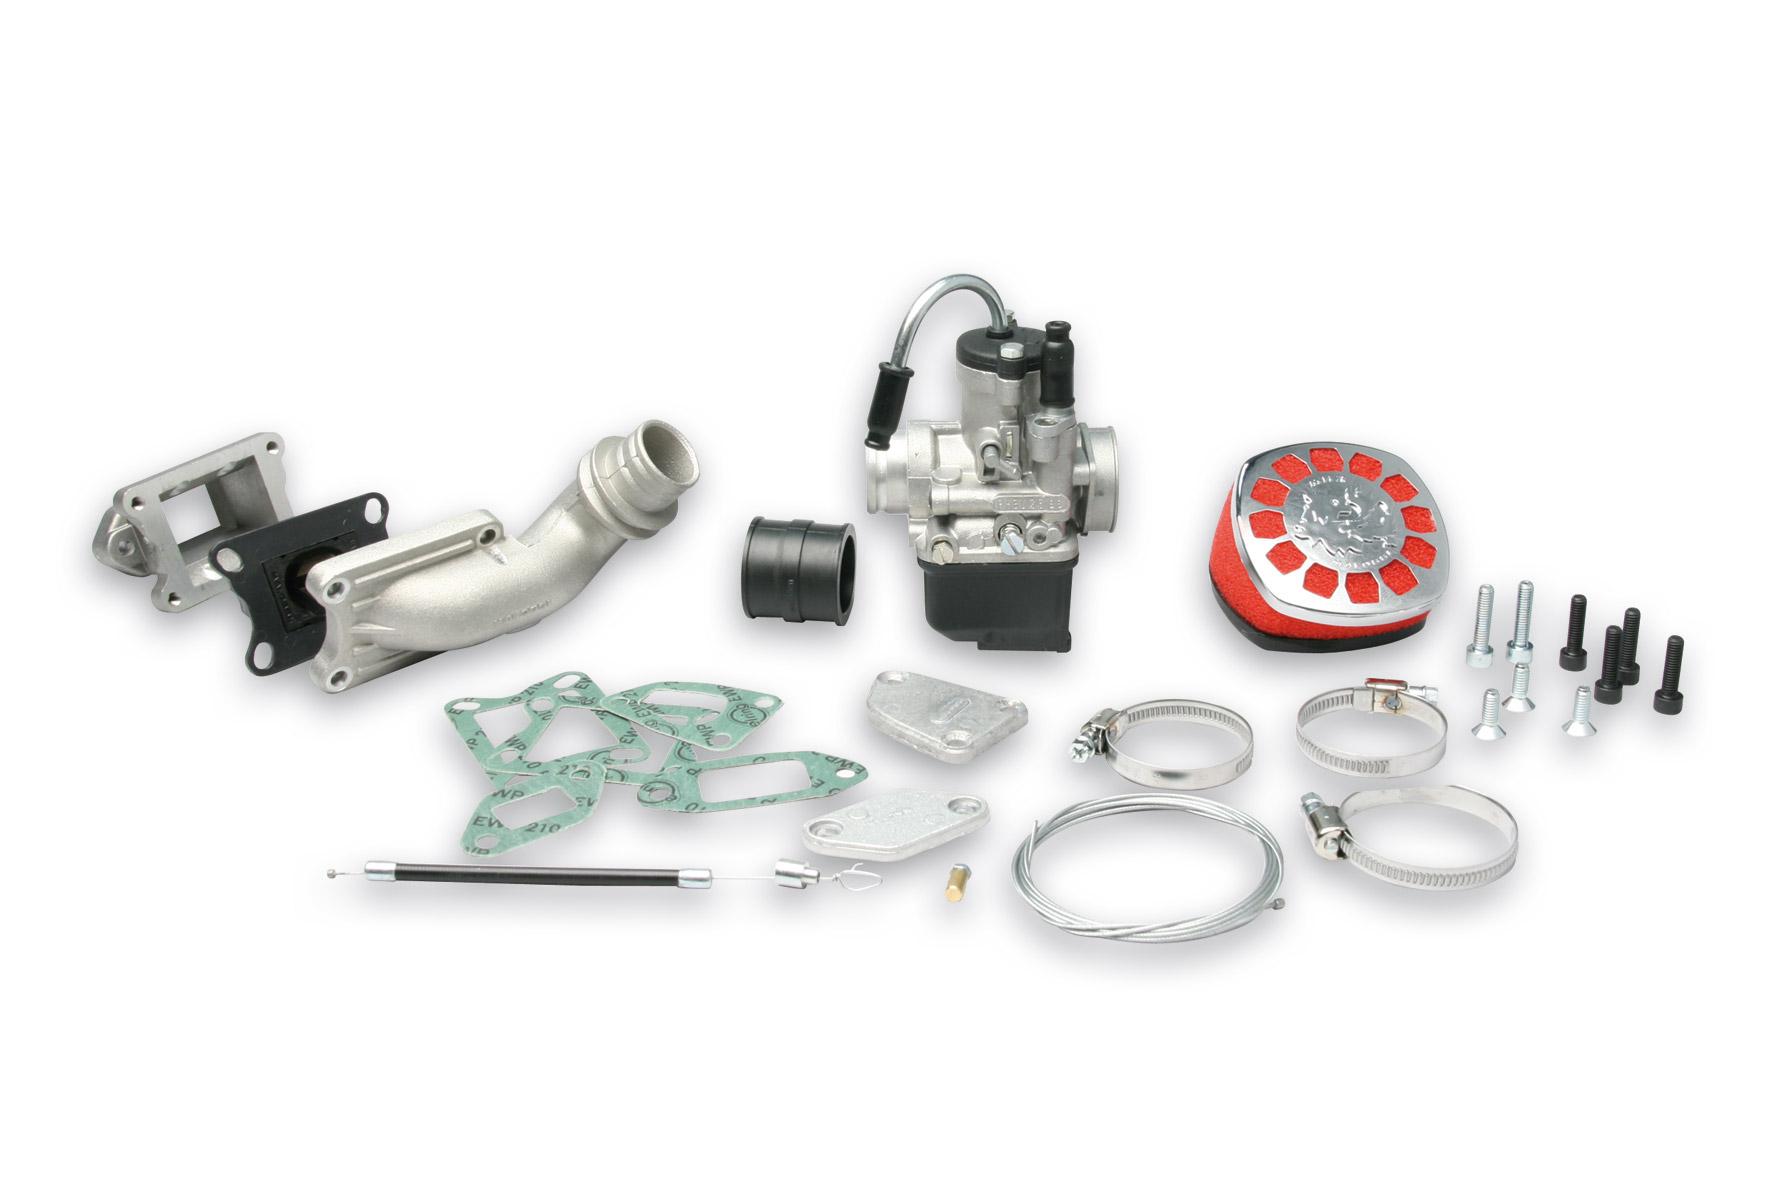 Impianto alimentazione PHBL 25 B lamellare al cilindro 1a serie per Vespa ETS - PK - PK XL 125 cc